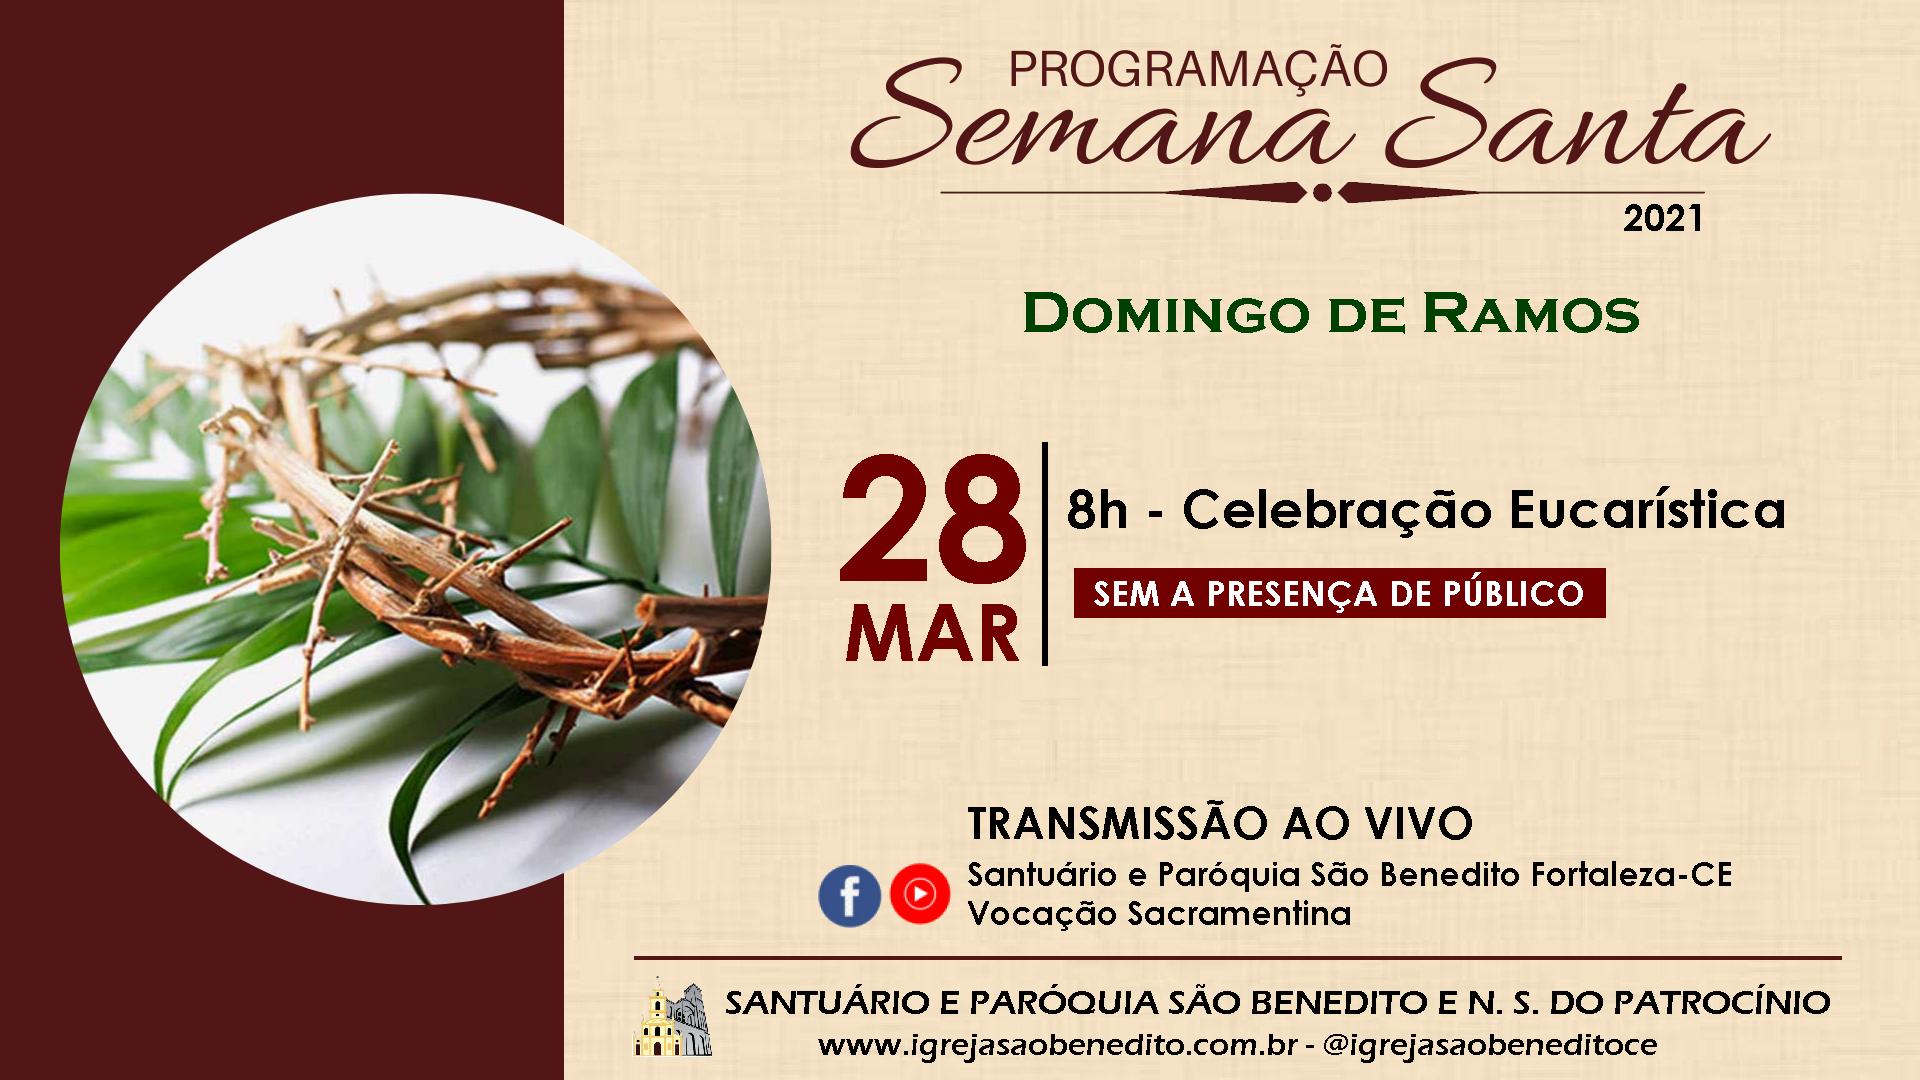 Solenidade de Ramos será transmitida neste domingo, sem a presença dos fiéis!